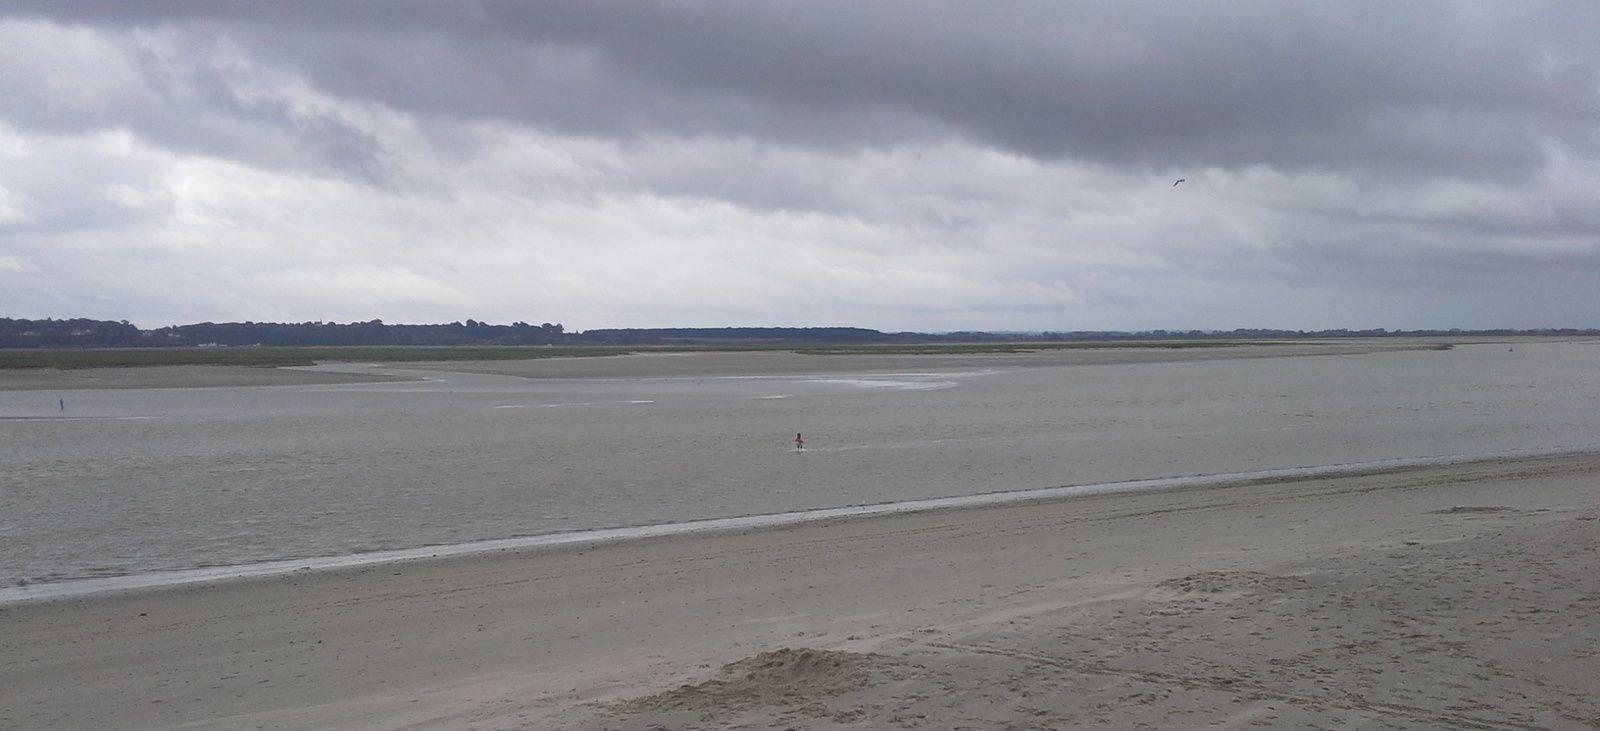 Voyage en baie de Somme.